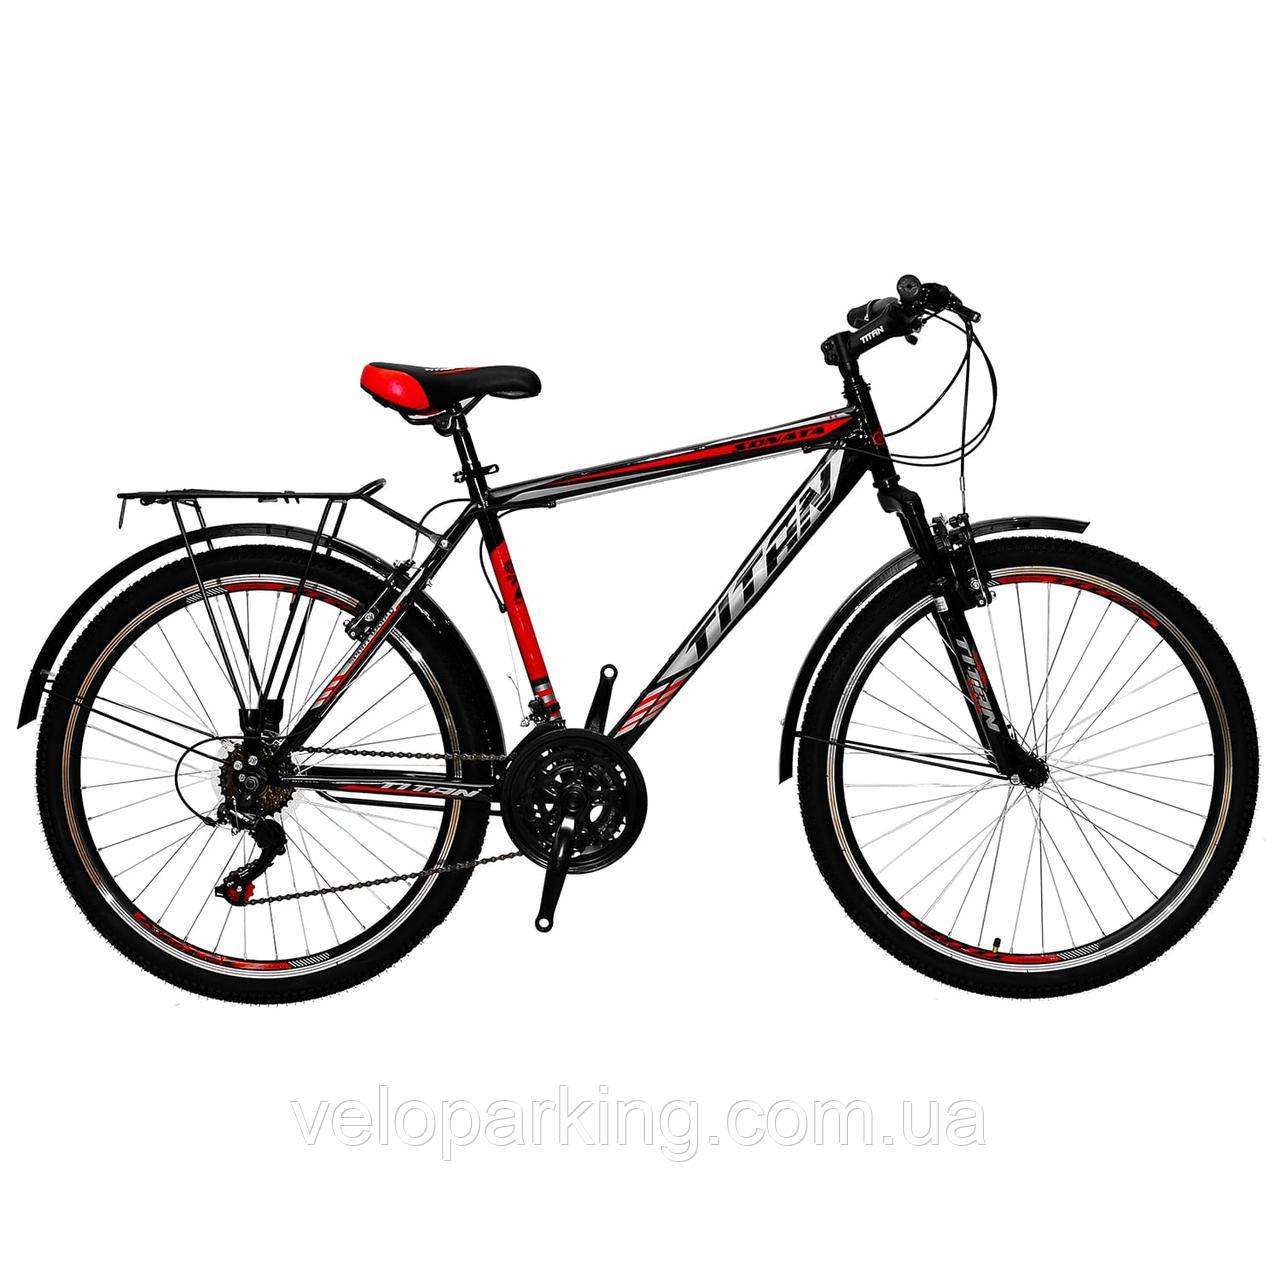 Велосипед городской дорожный Titan Sonata 26 (2018) new